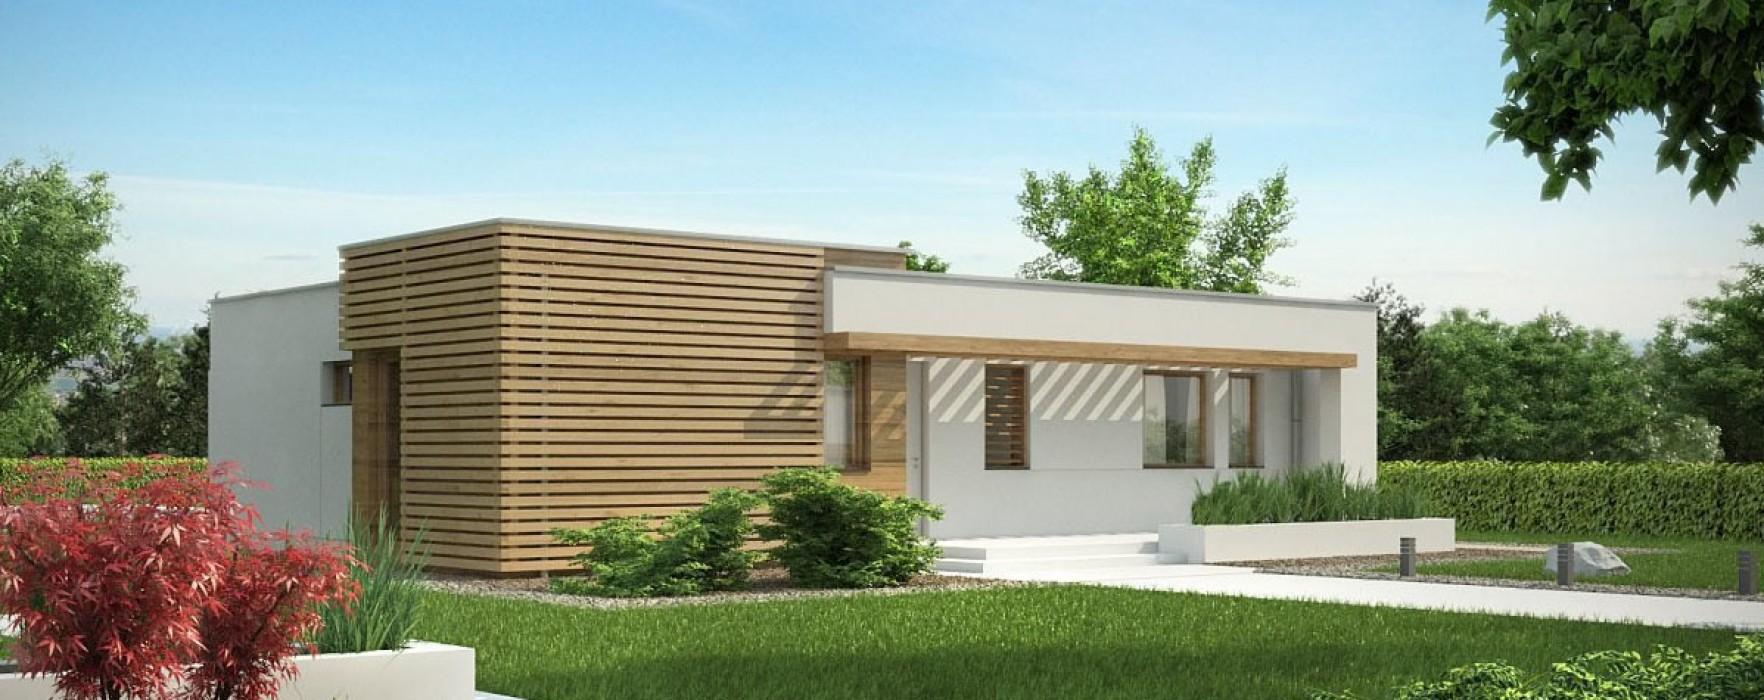 Costruzioni in bioedilizia e fasce di rispetto for Costruzioni case moderne